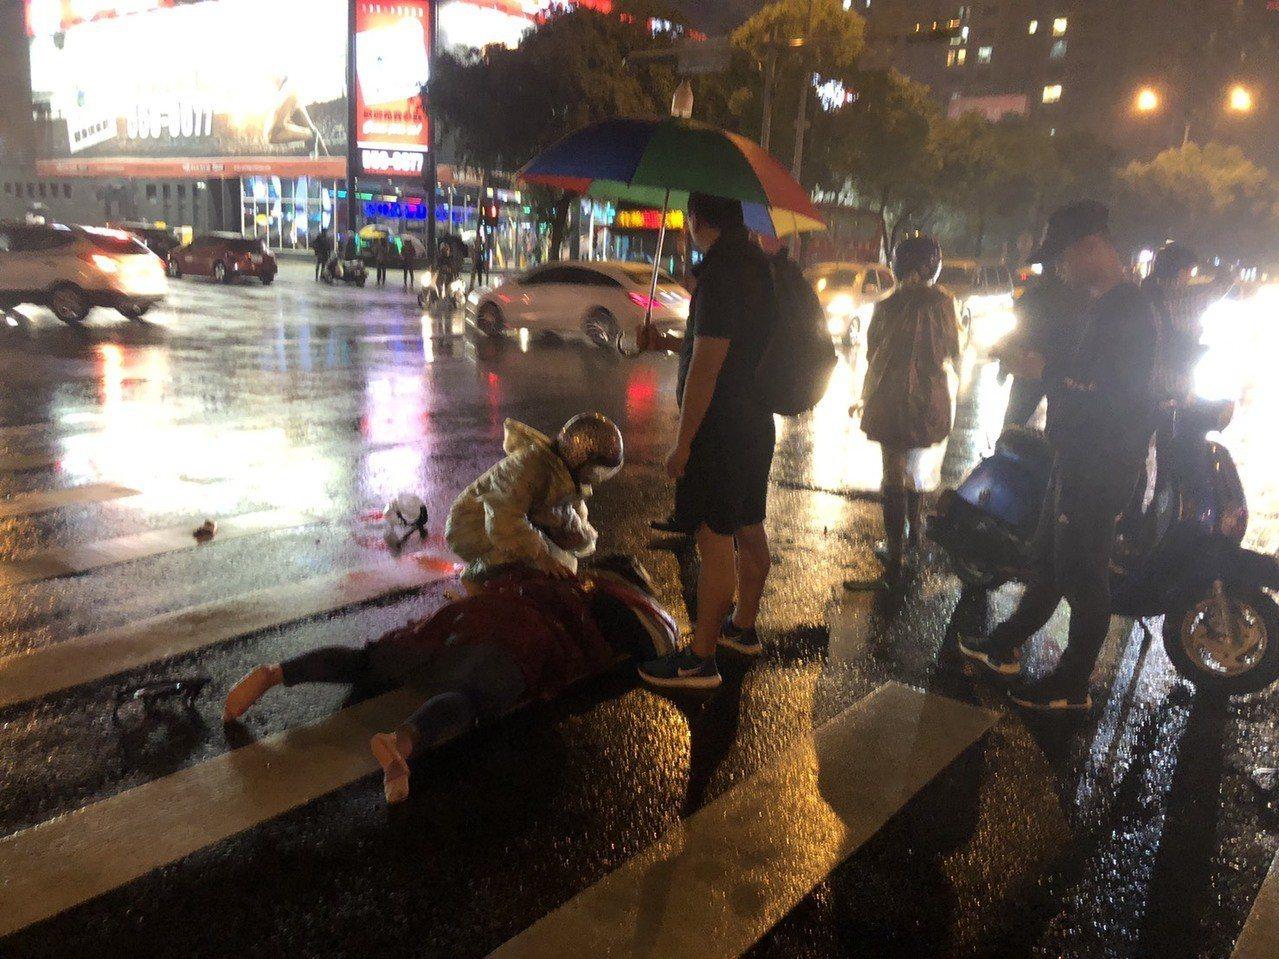 新竹縣竹北市光明六路與莊敬三路口昨晚發生轎車與機車碰撞事故,當時雨勢滂沱,路過的...